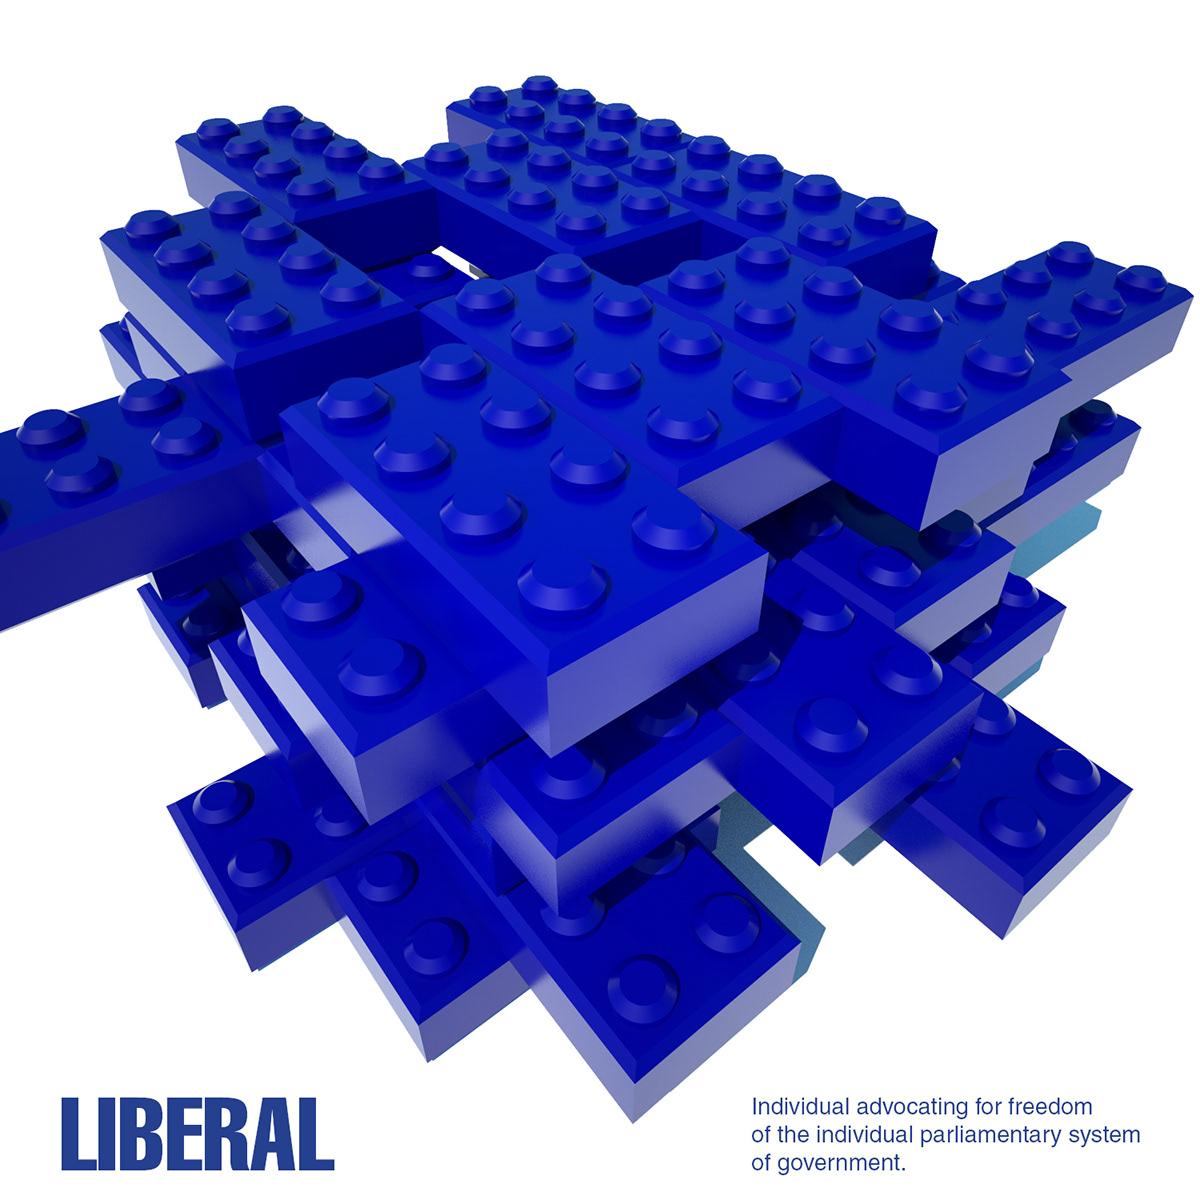 Quadtych Series 3d design 3D illustration Legos LEGO politics conservative LIBERAL